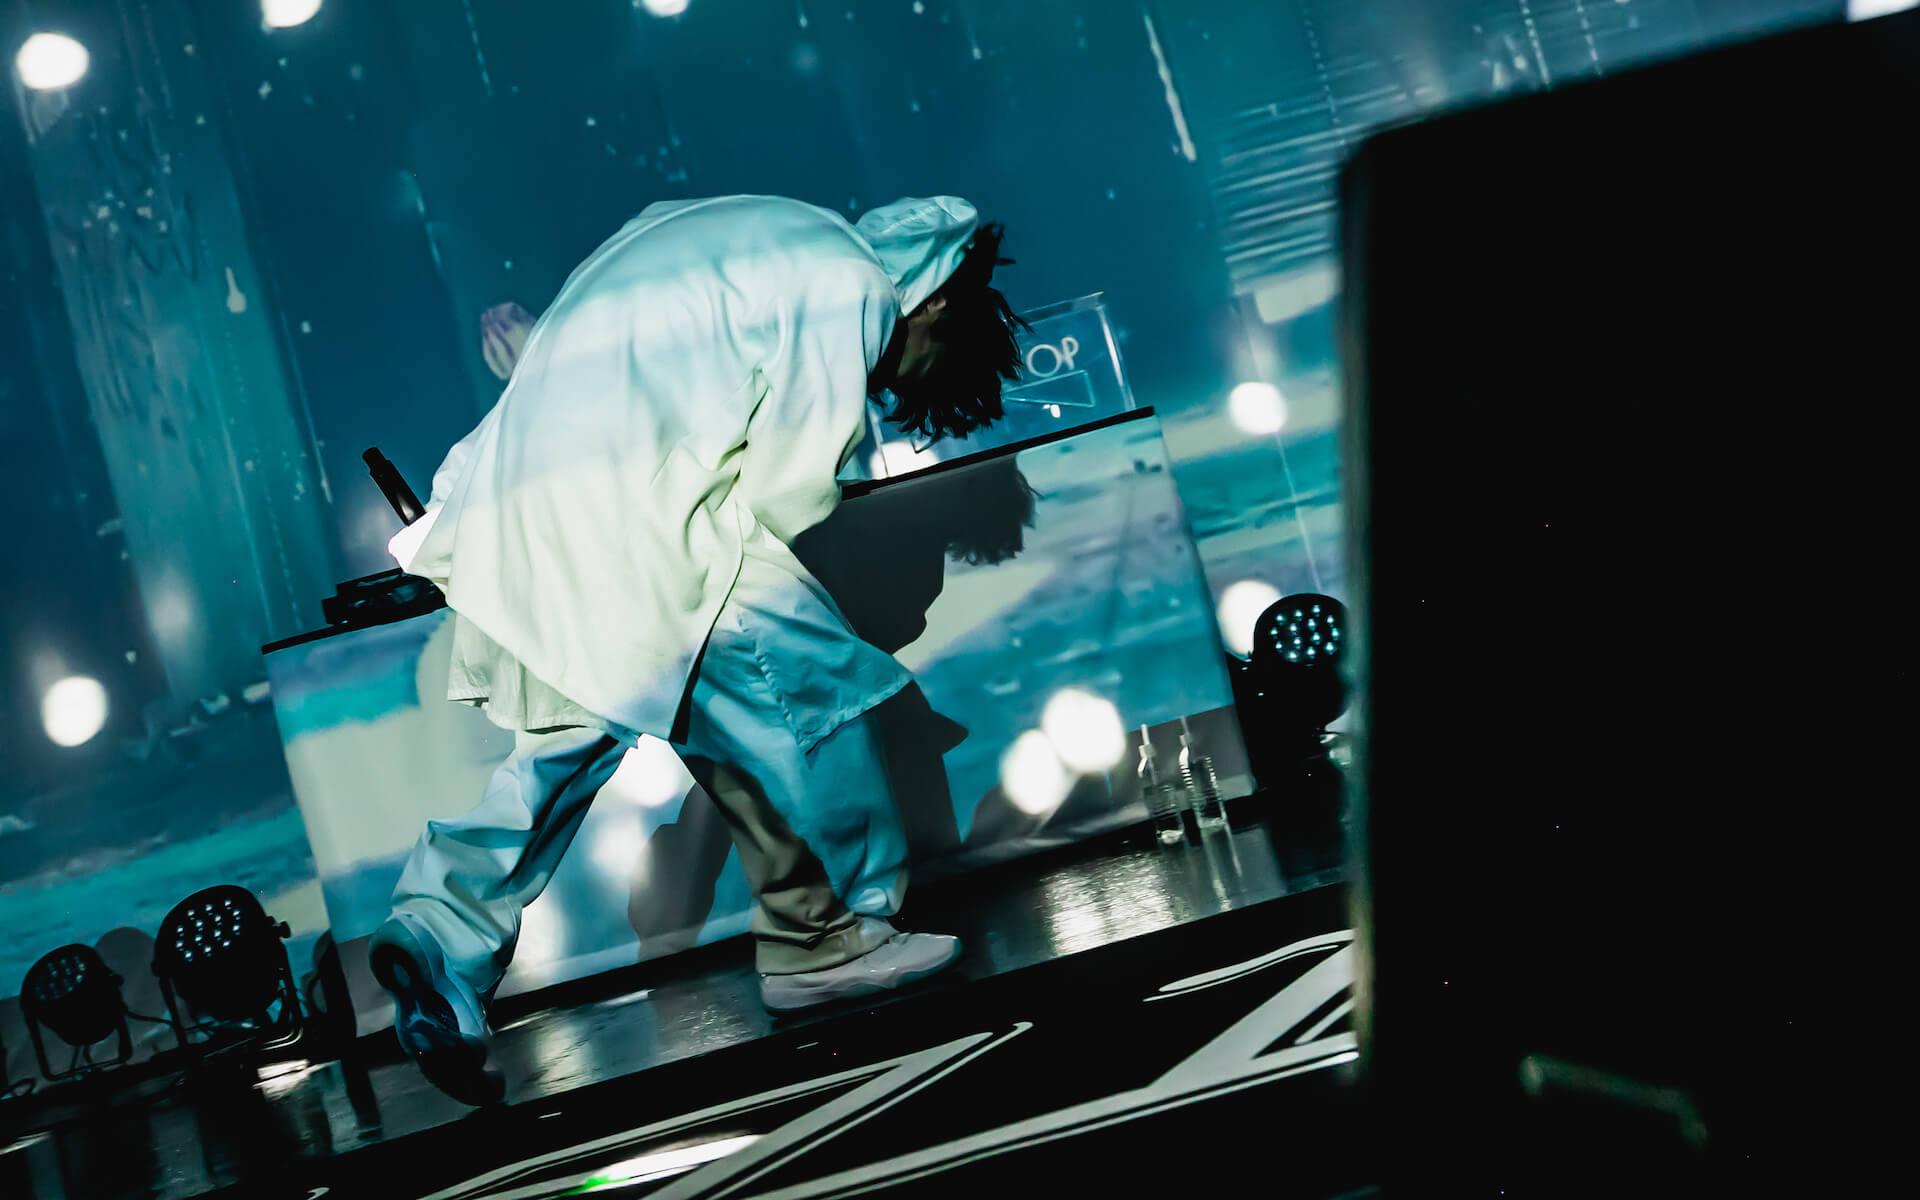 """クボタカイが1stアルバム発売記念ツアーを全国4都市完走!ファイナルで新曲""""エックスフレンド""""のリリースも発表 music210917_kubotakai_tour_013"""